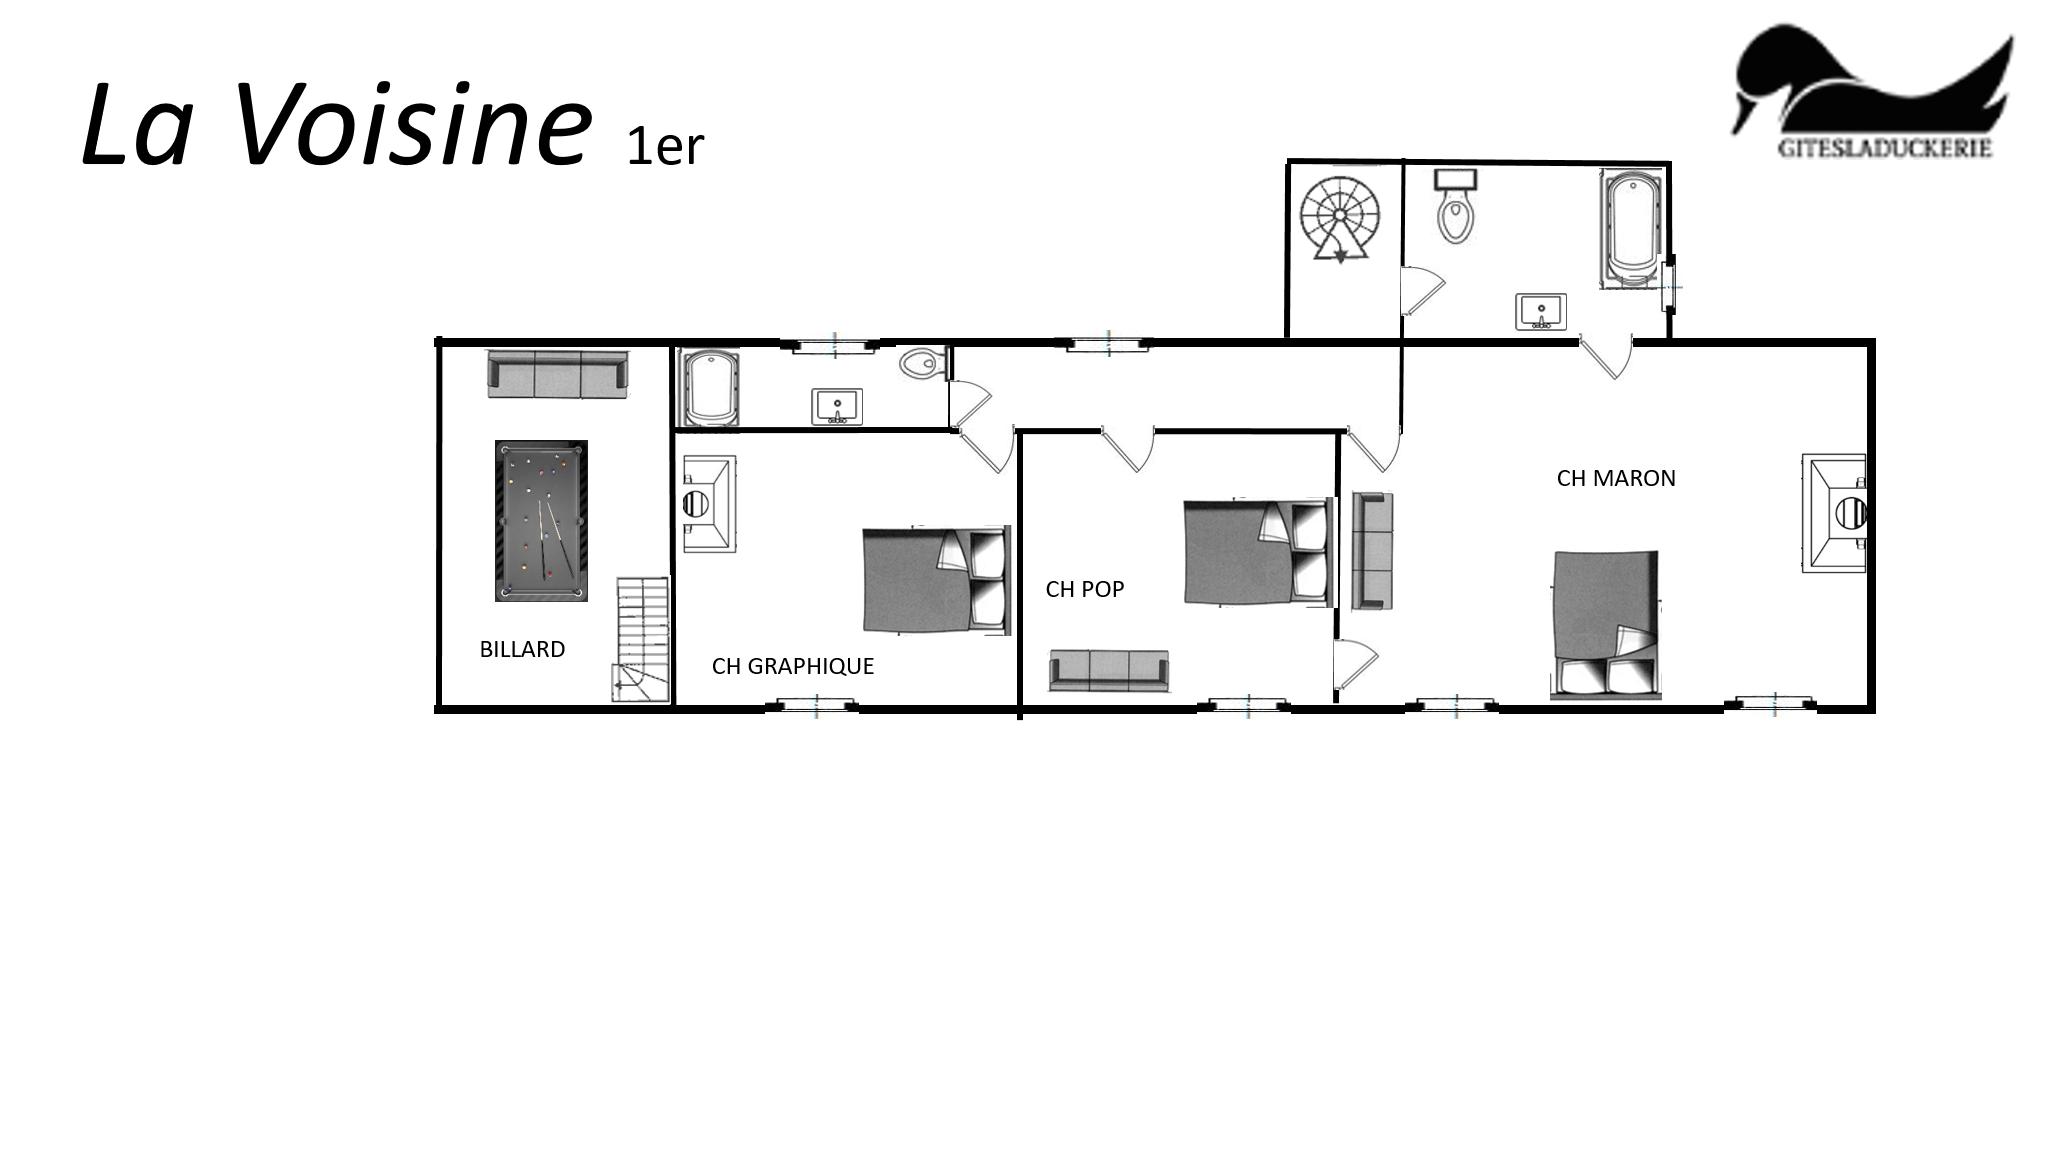 La Voisine plans 1er - LA VOISINE - Location de Gite La Clef Decamp - Laclefdecamp.fr